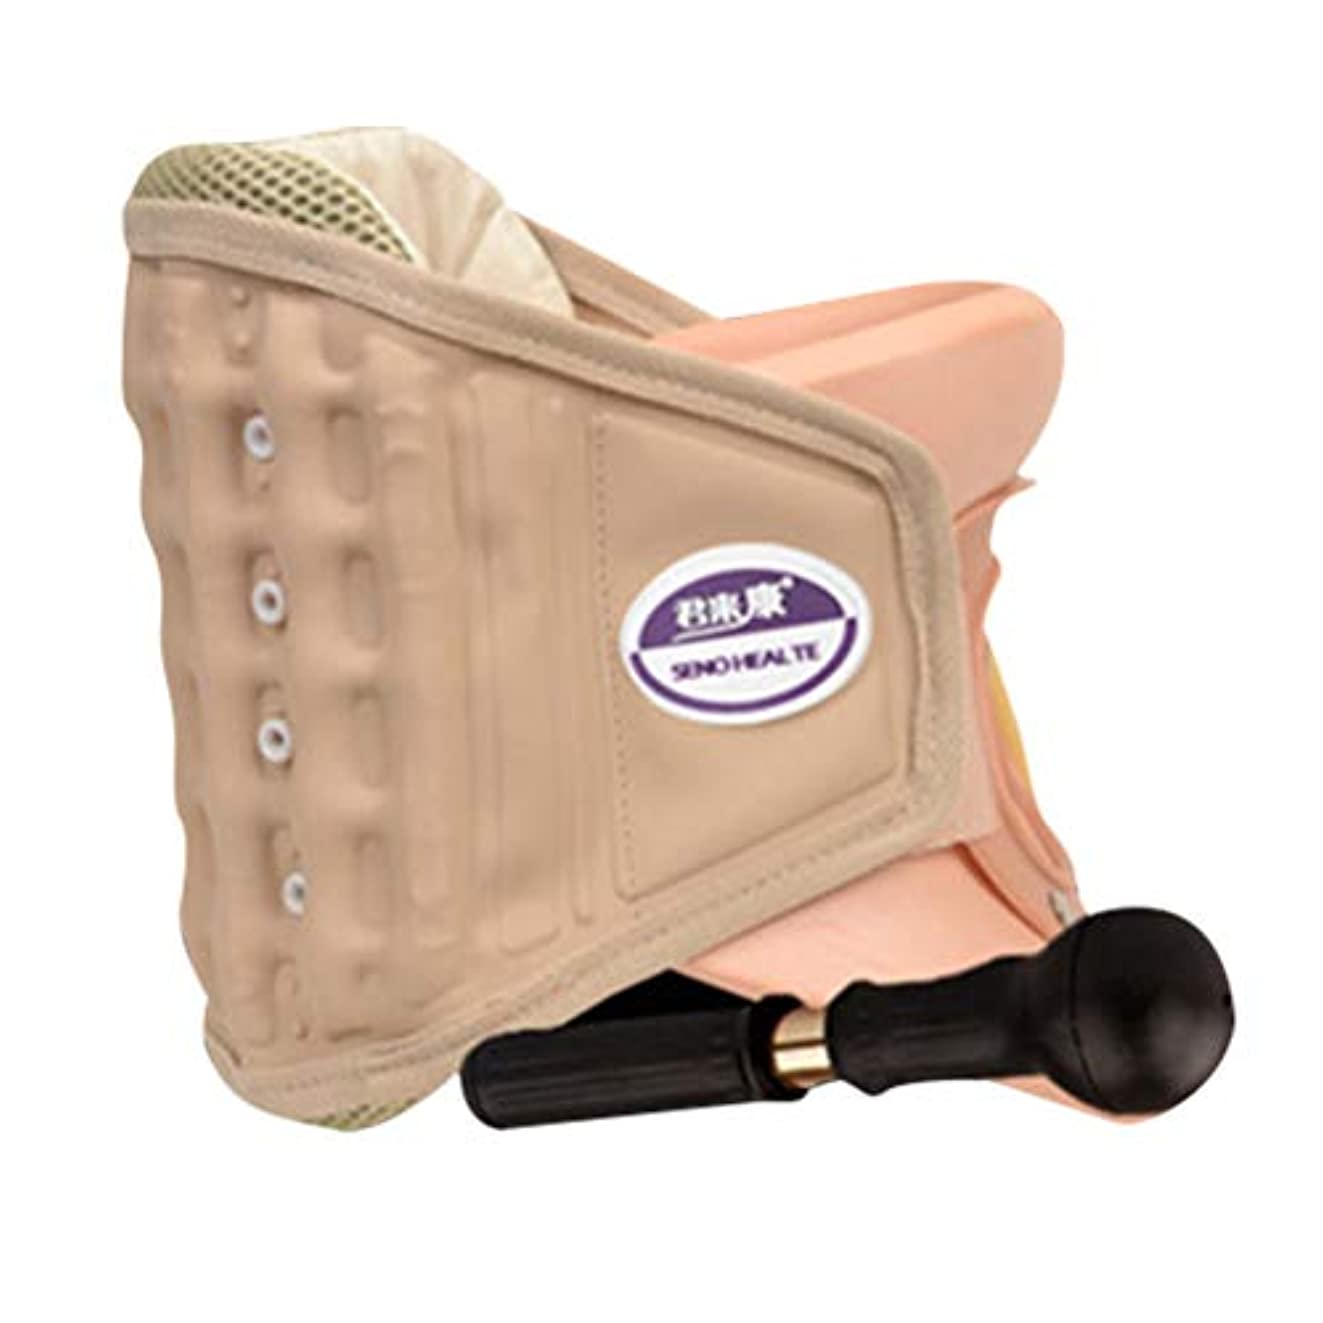 磨かれたユーザーメンタルSUPVOX 頸部首牽引襟デバイス装具椎骨サポートベルト付きポンプポータブルネックマッサージャー